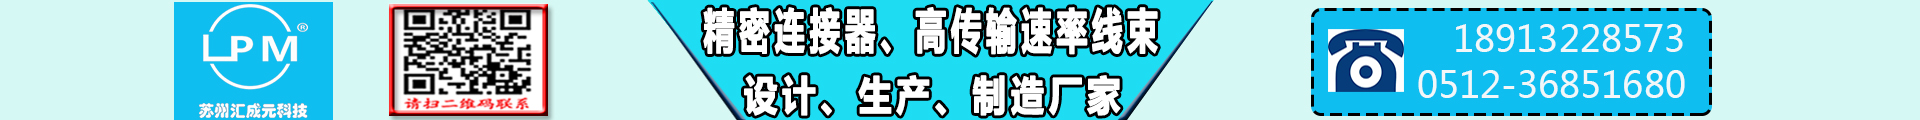 蘇州匯成元電子科技有限公司